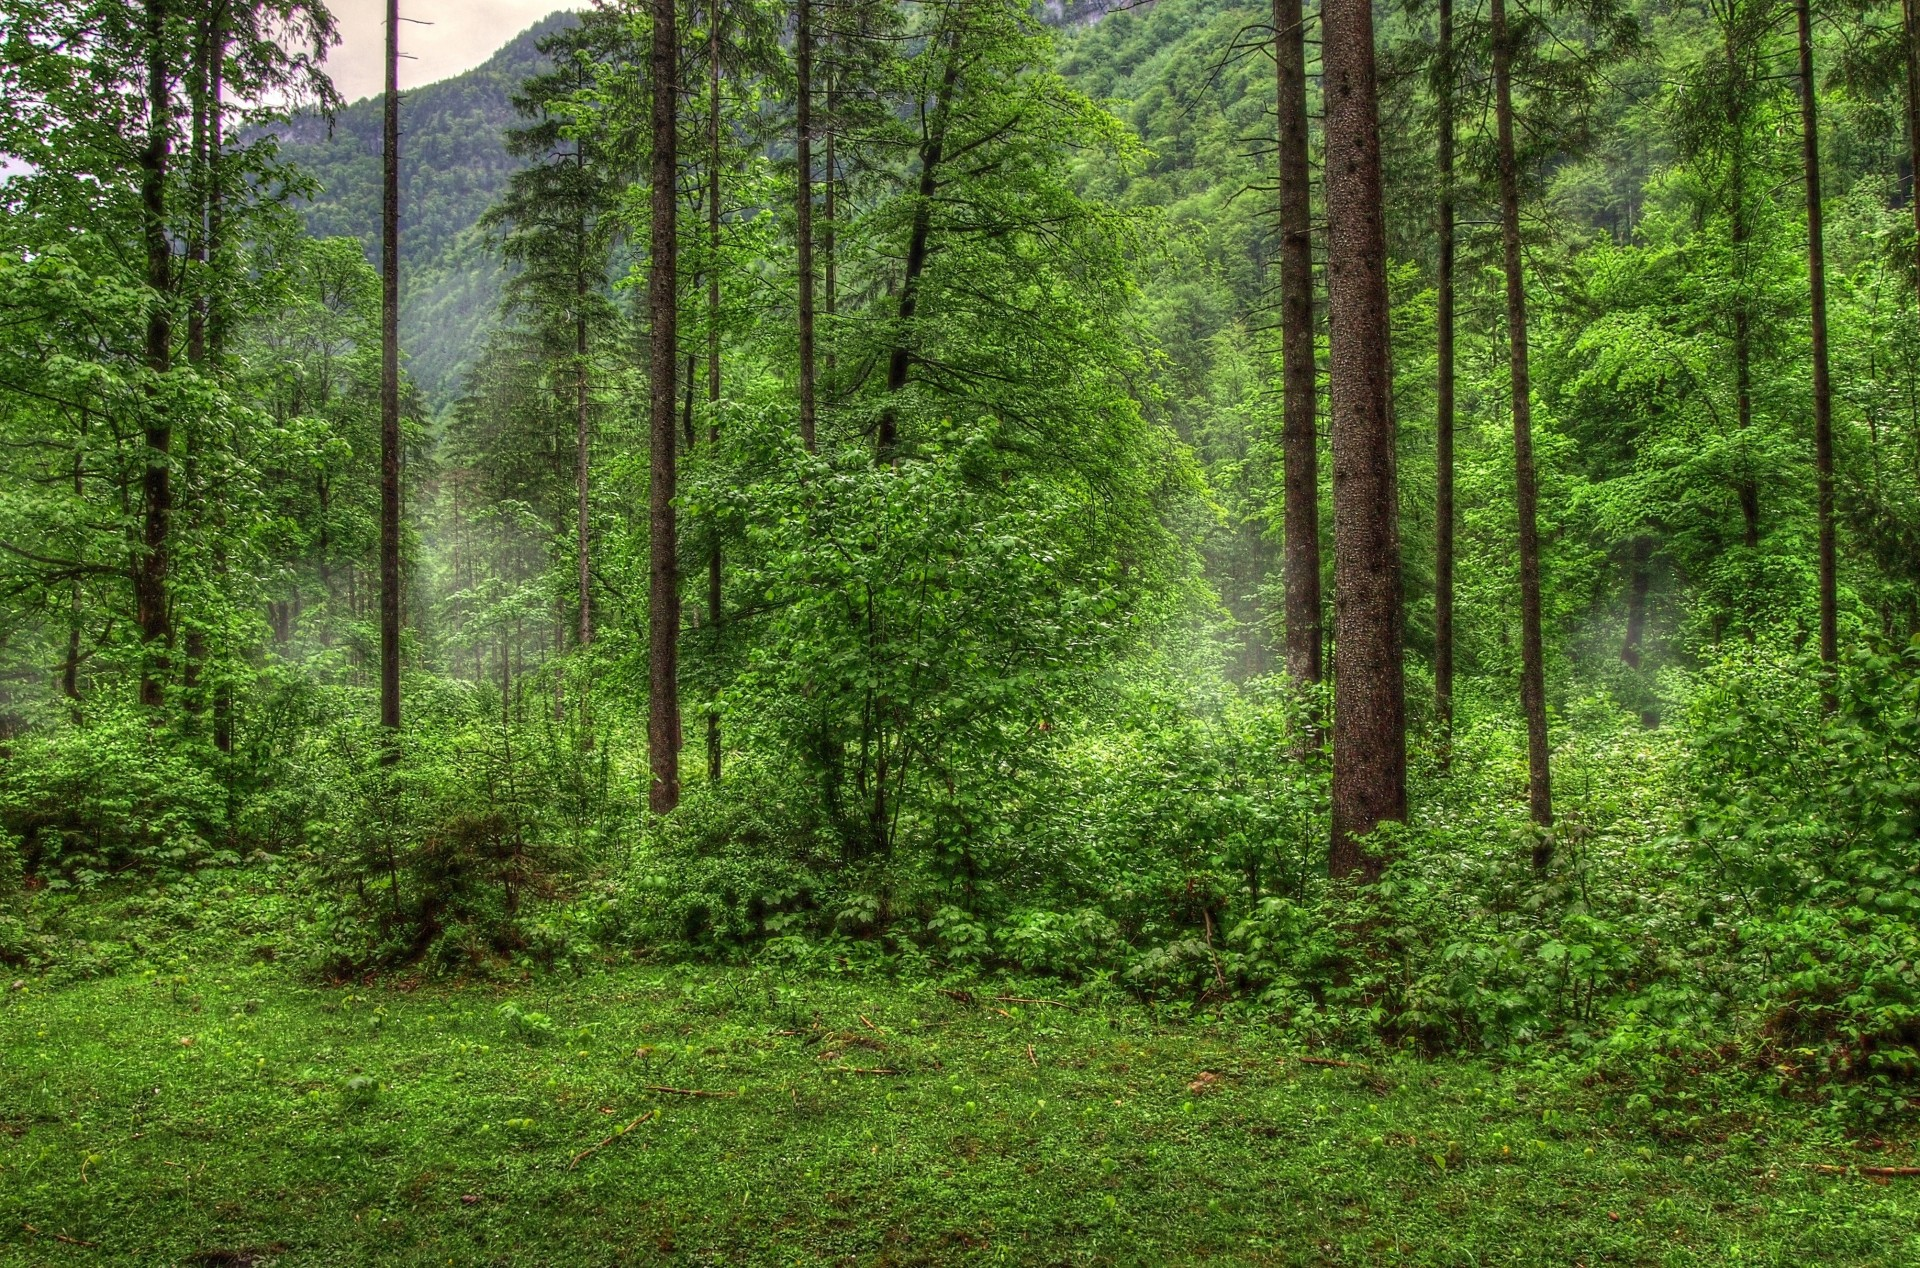 фото на фоне леса - 14